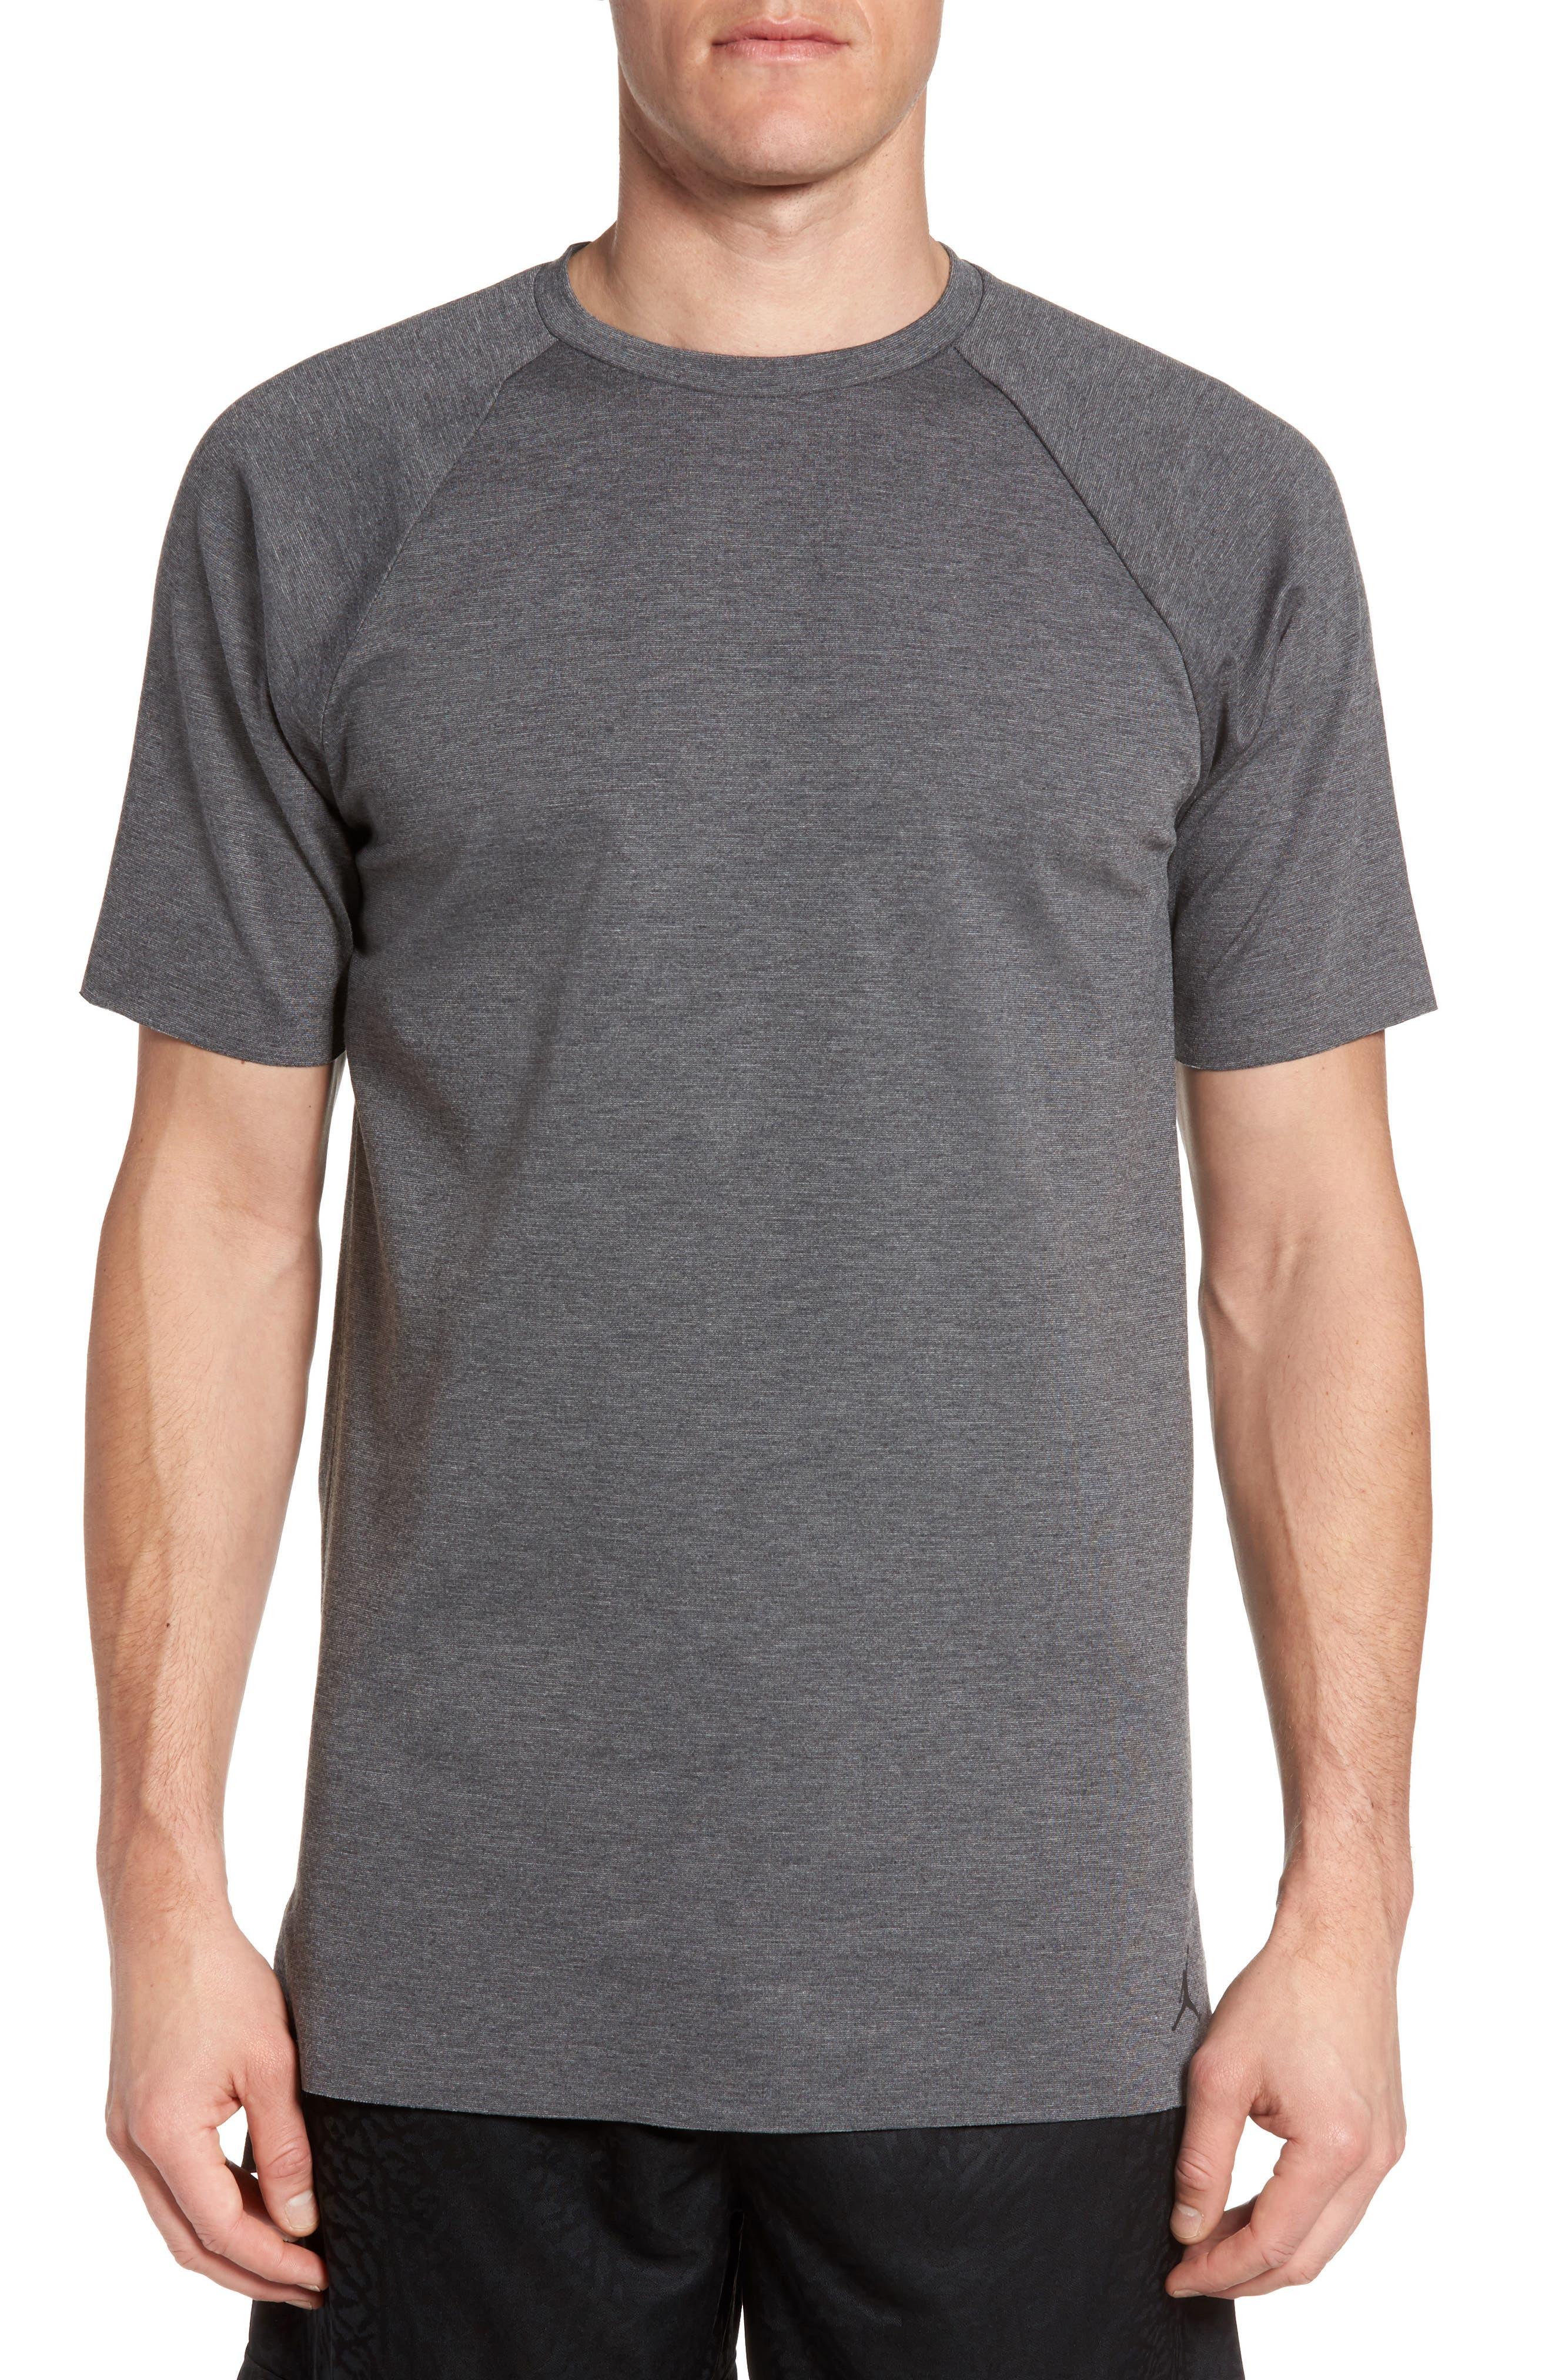 NIKE Jordan 23 Lux Raglan T-Shirt